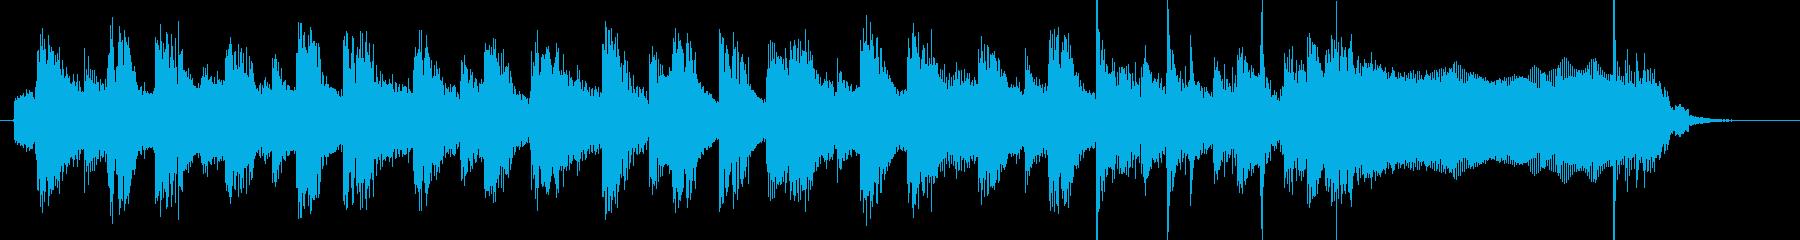 ほのぼのとしたOPの再生済みの波形